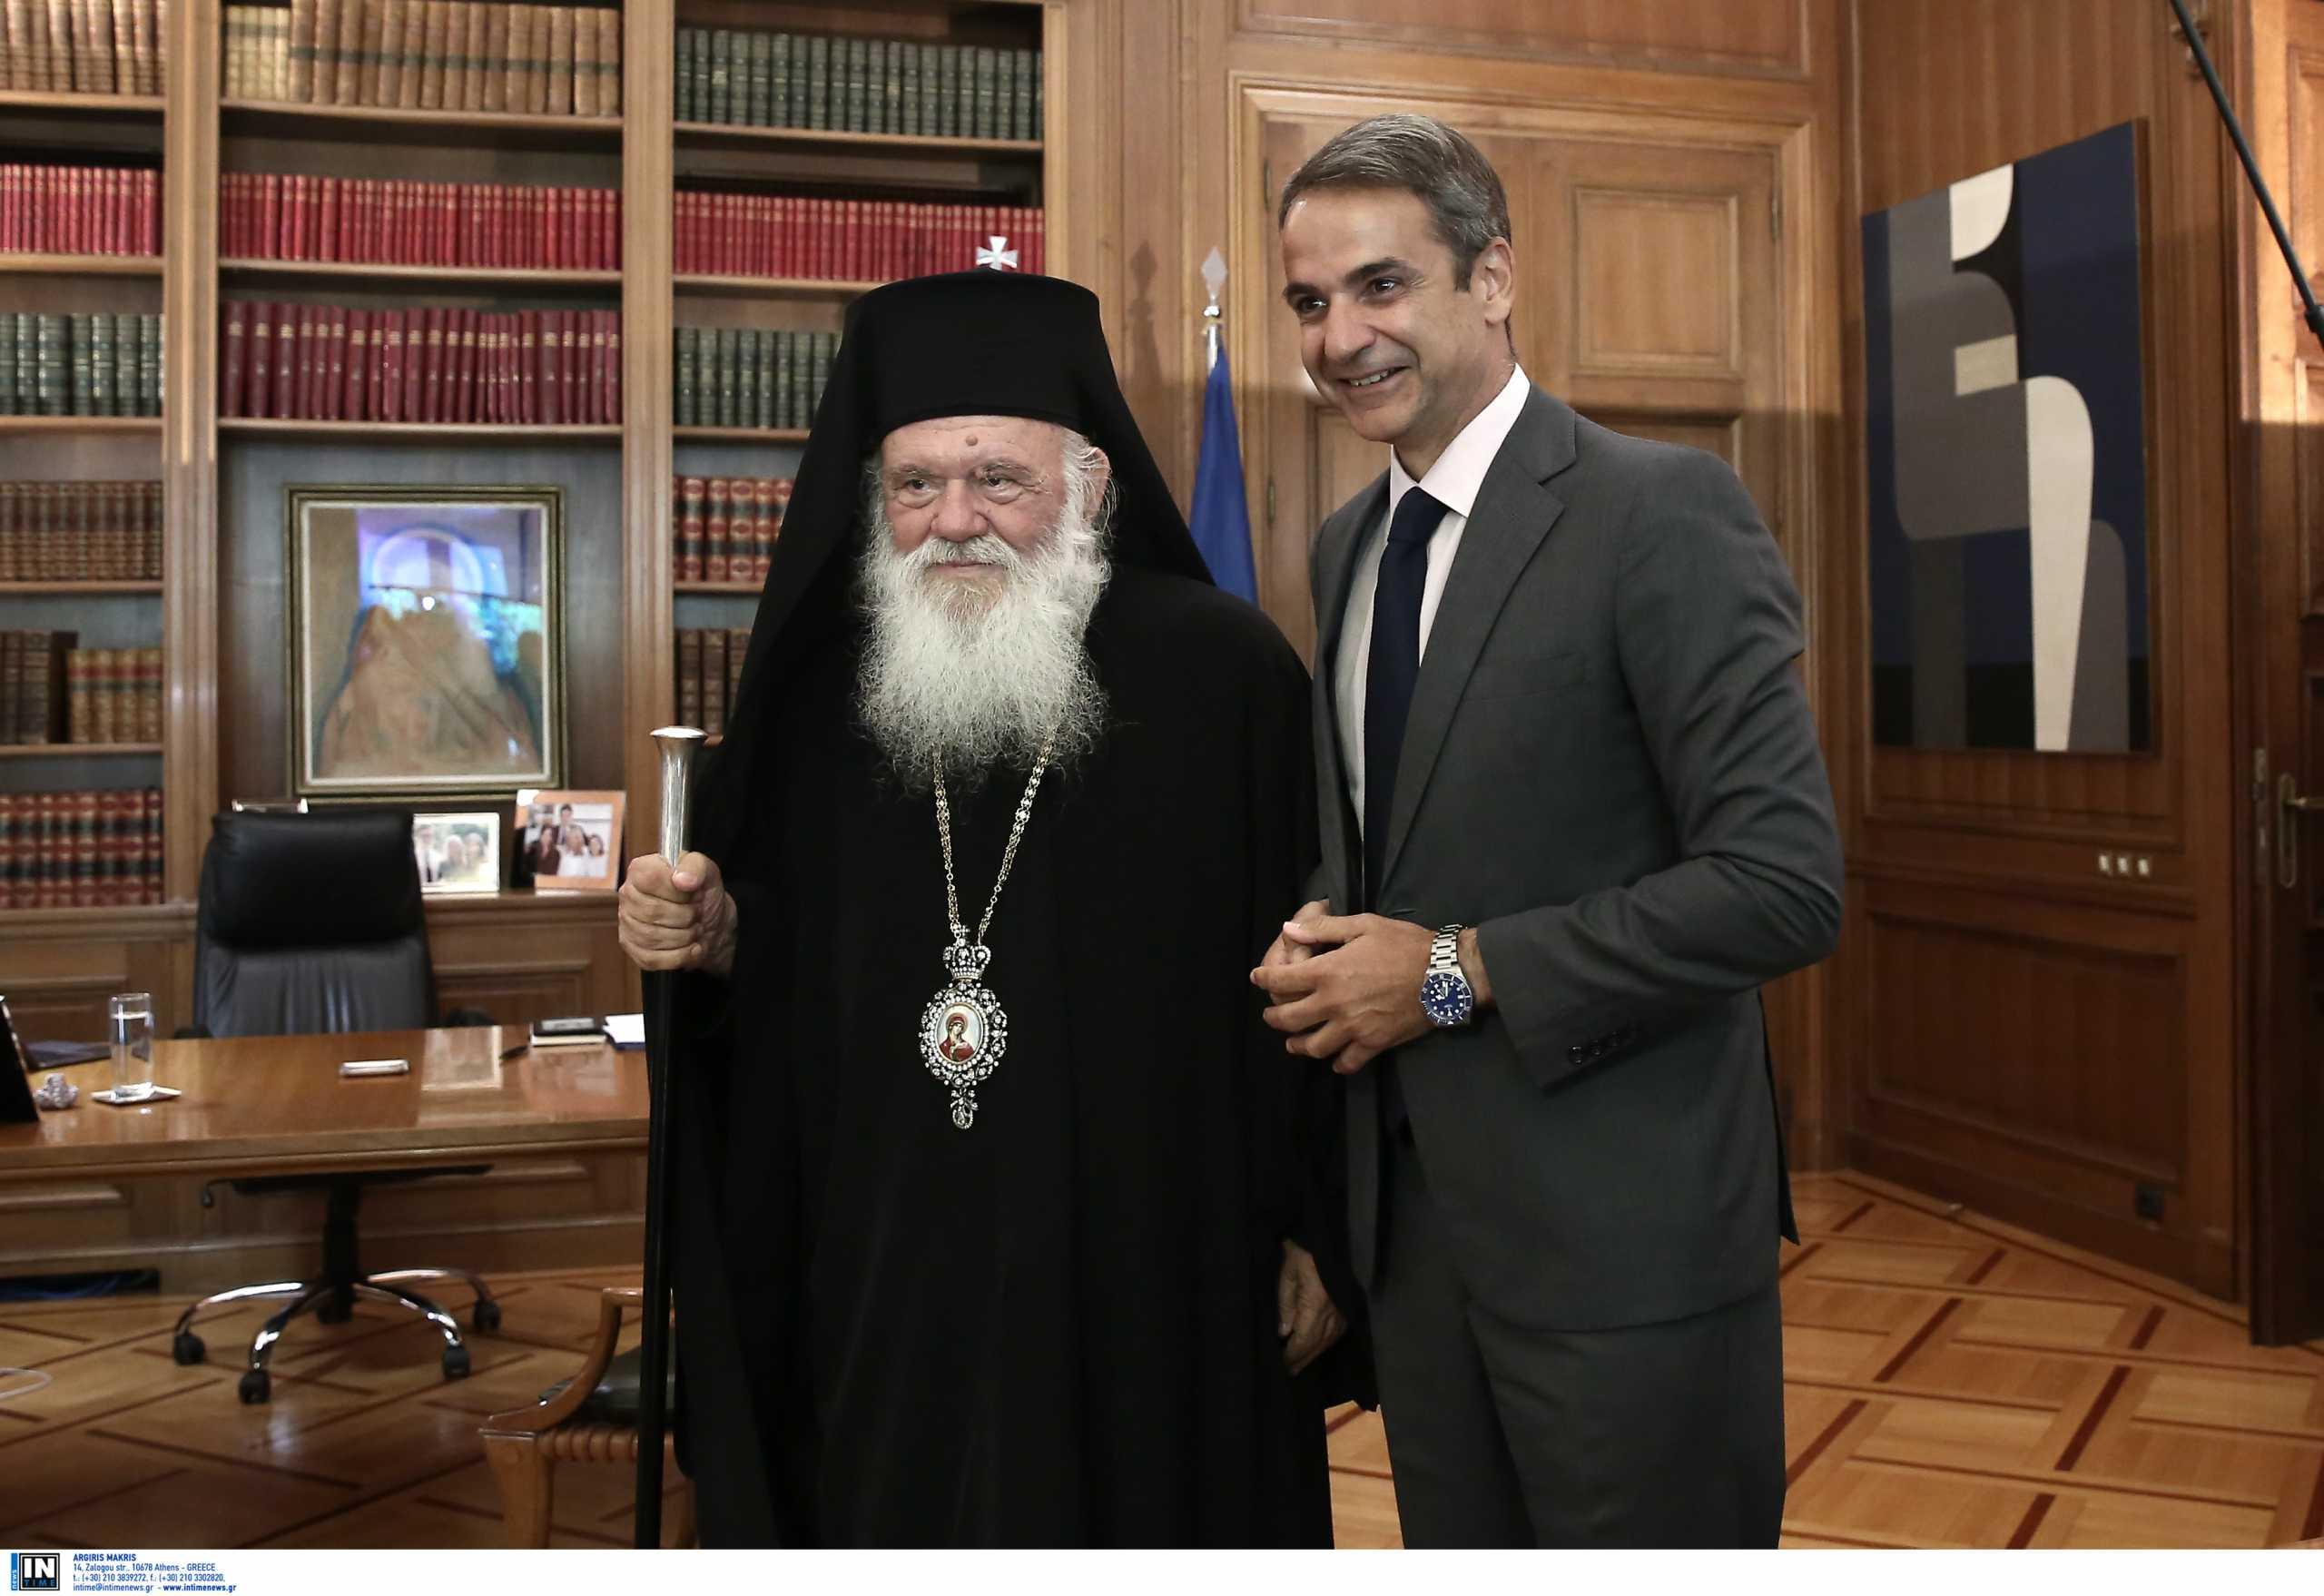 Παρών τελικά ο Ιερώνυμος στην ορκωμοσία της κυβέρνησης